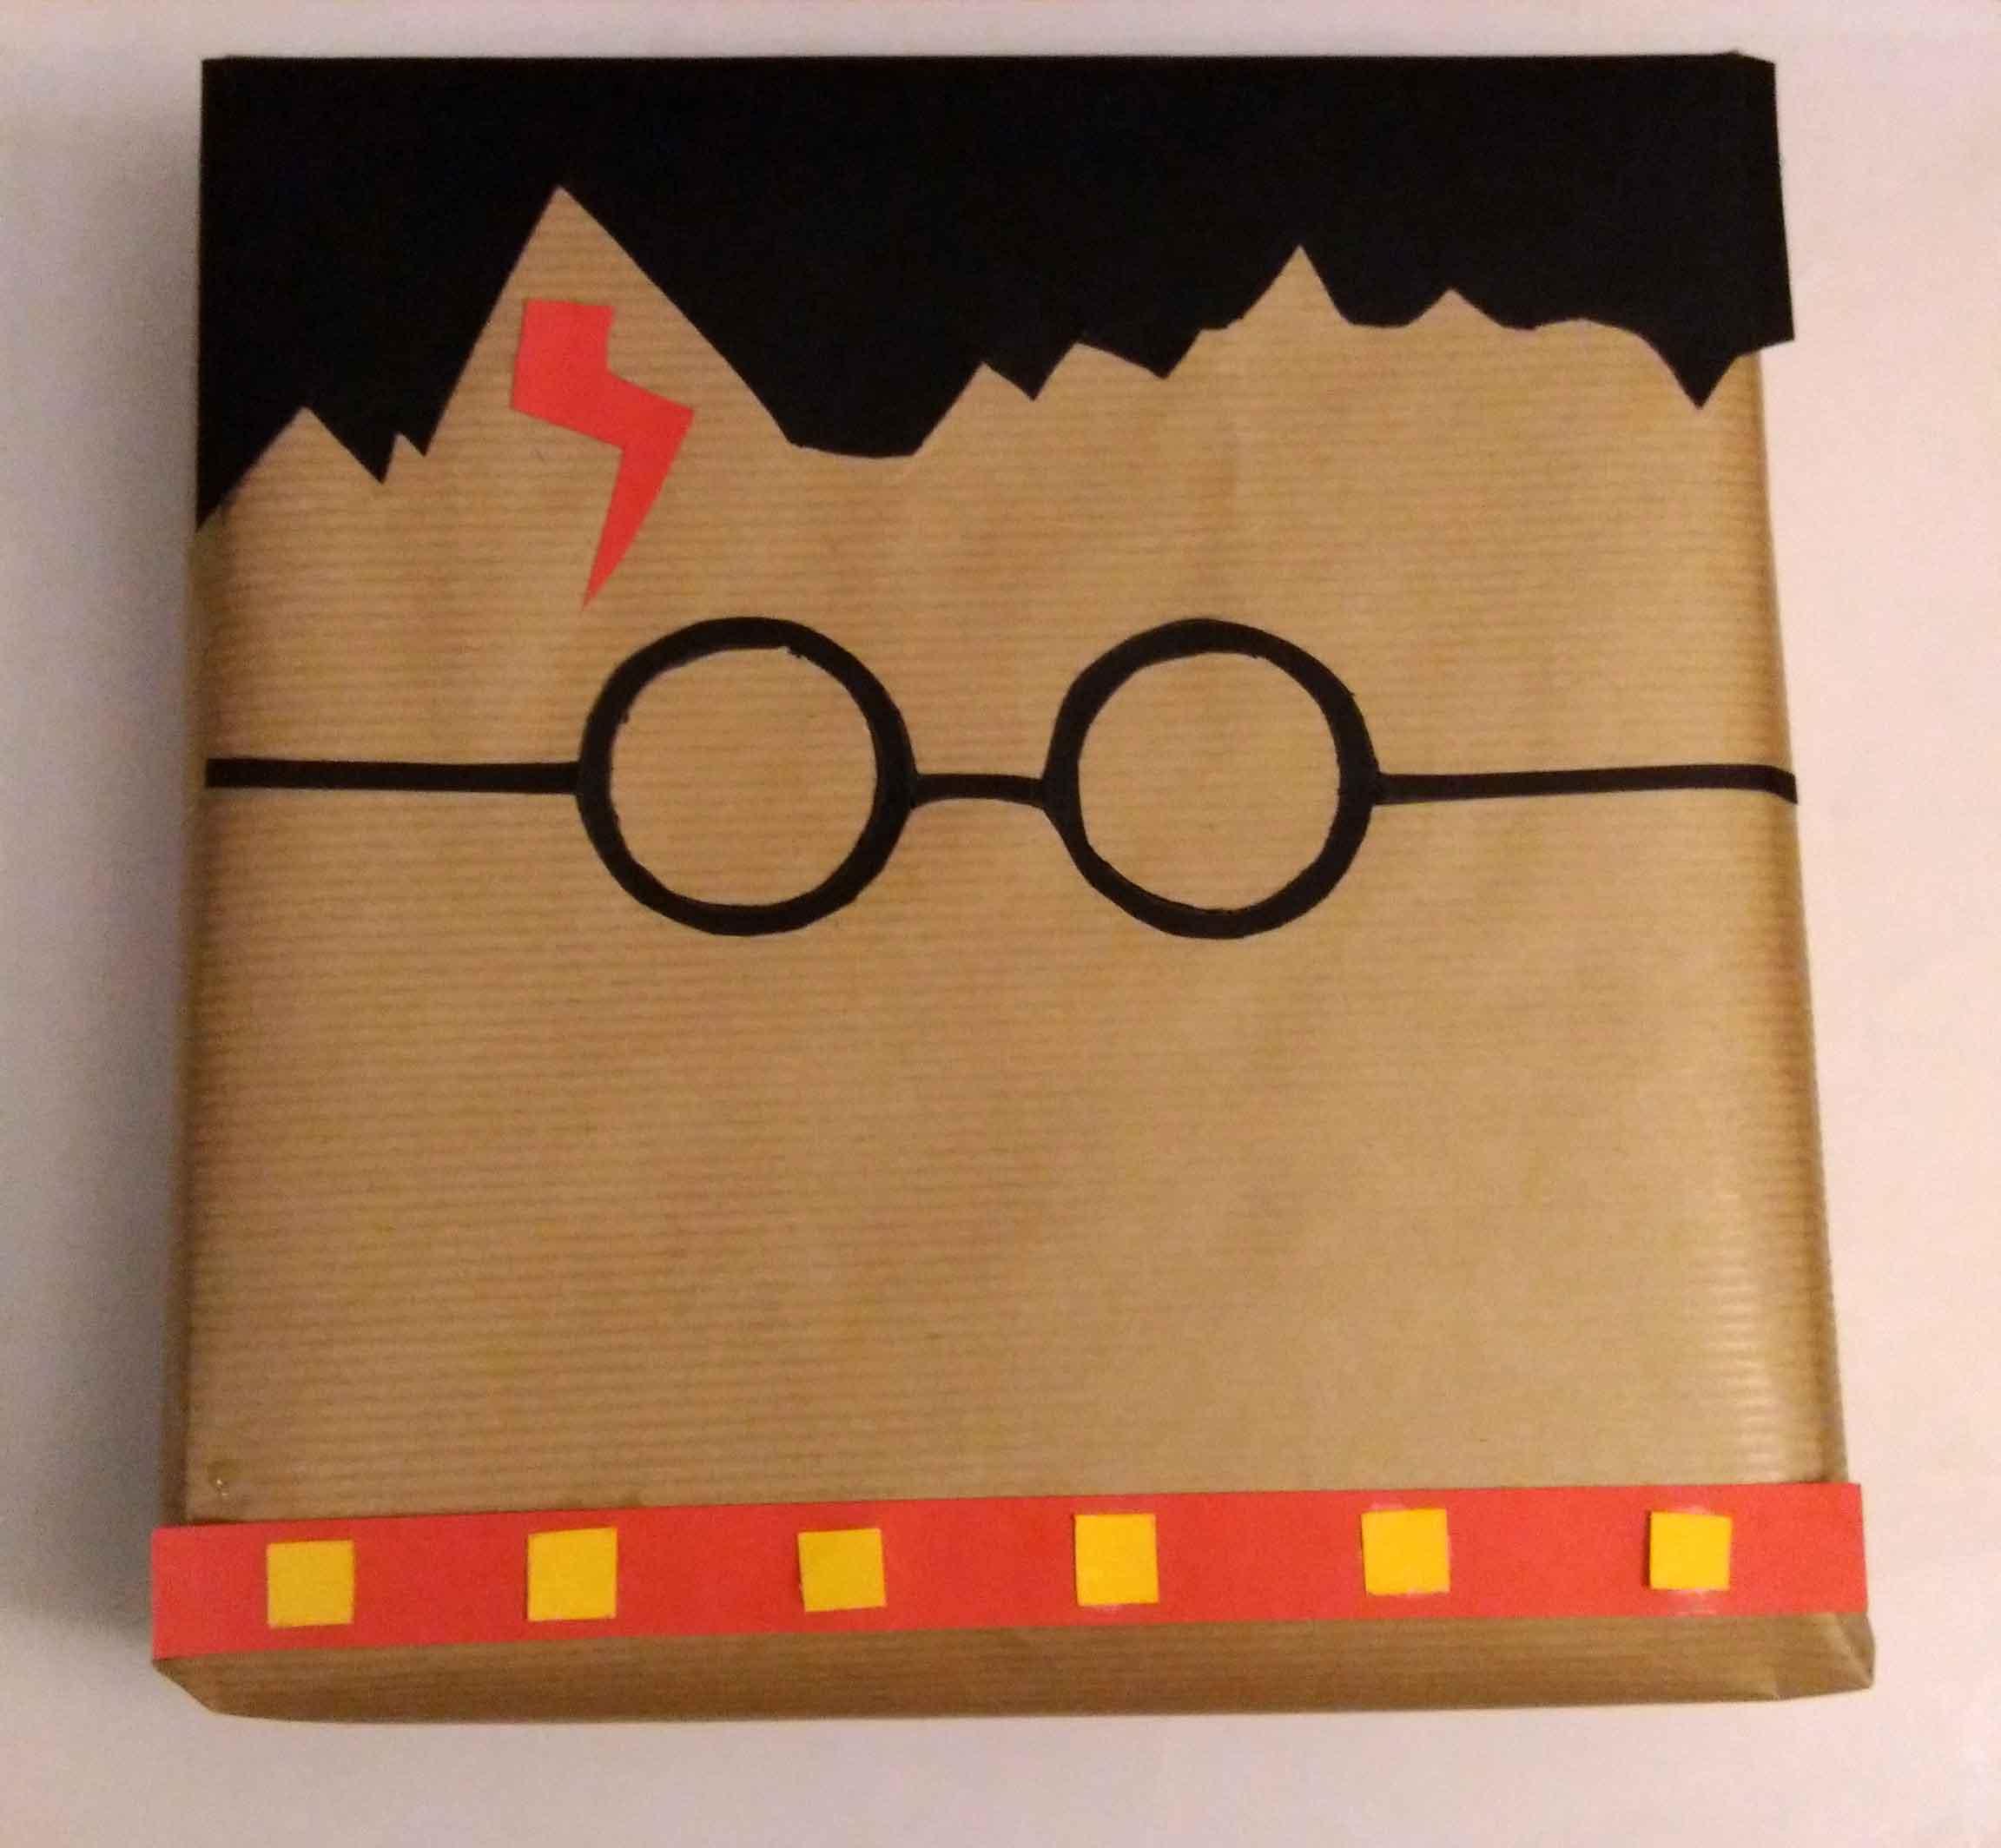 emballage cadeau harry potter un sorcier comme d co cadeau emballage cadeau. Black Bedroom Furniture Sets. Home Design Ideas